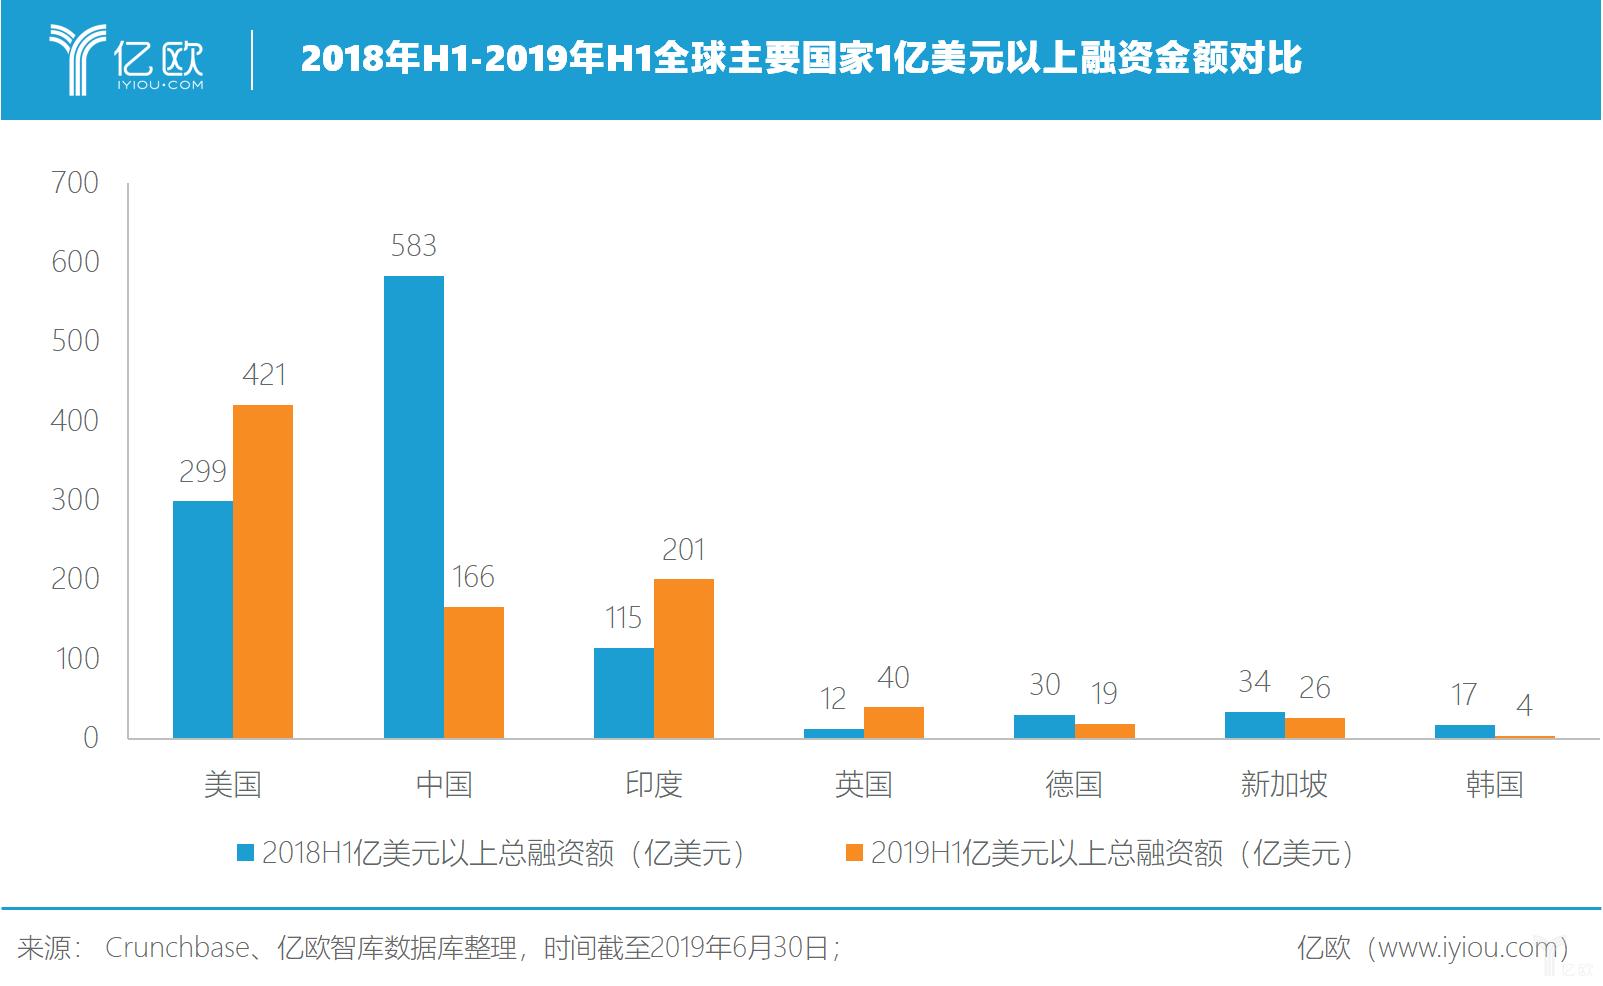 2018年H1-2019年H1全球主要国家1亿美元以上融资金融对比